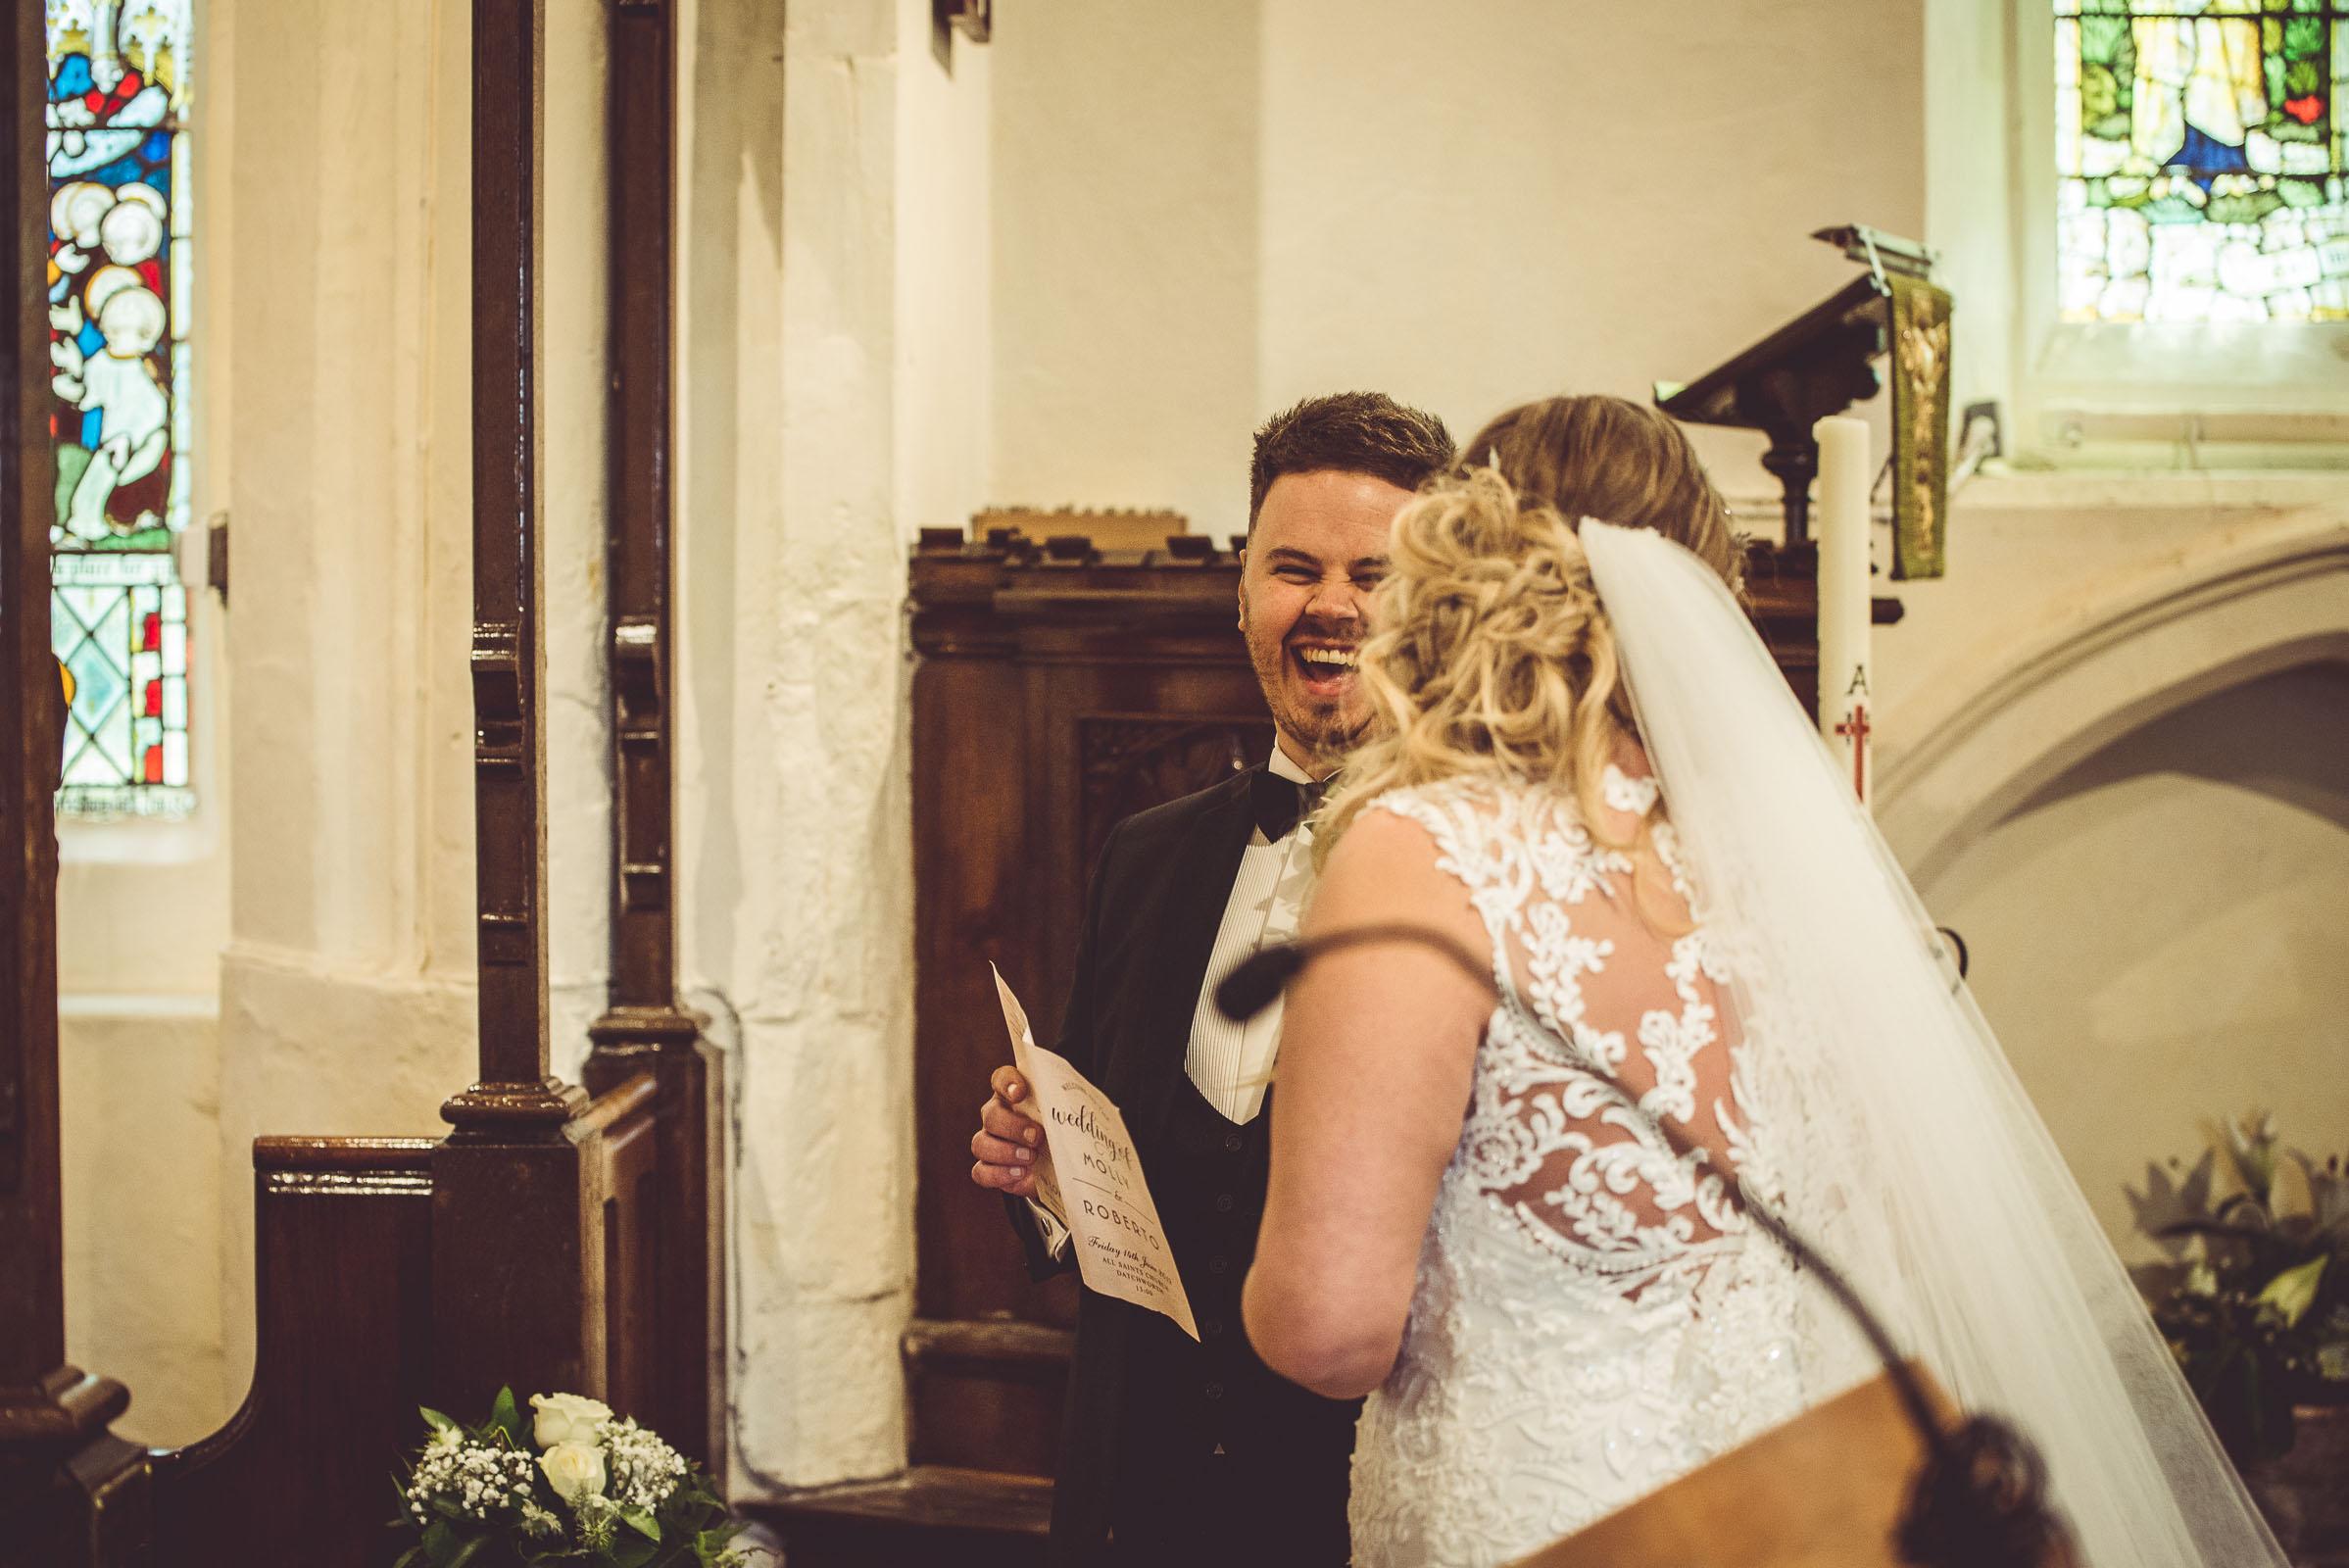 Lutonhoo-wedding-Bedfordshire-Datchworth-Tewinburyfarm-40.jpg